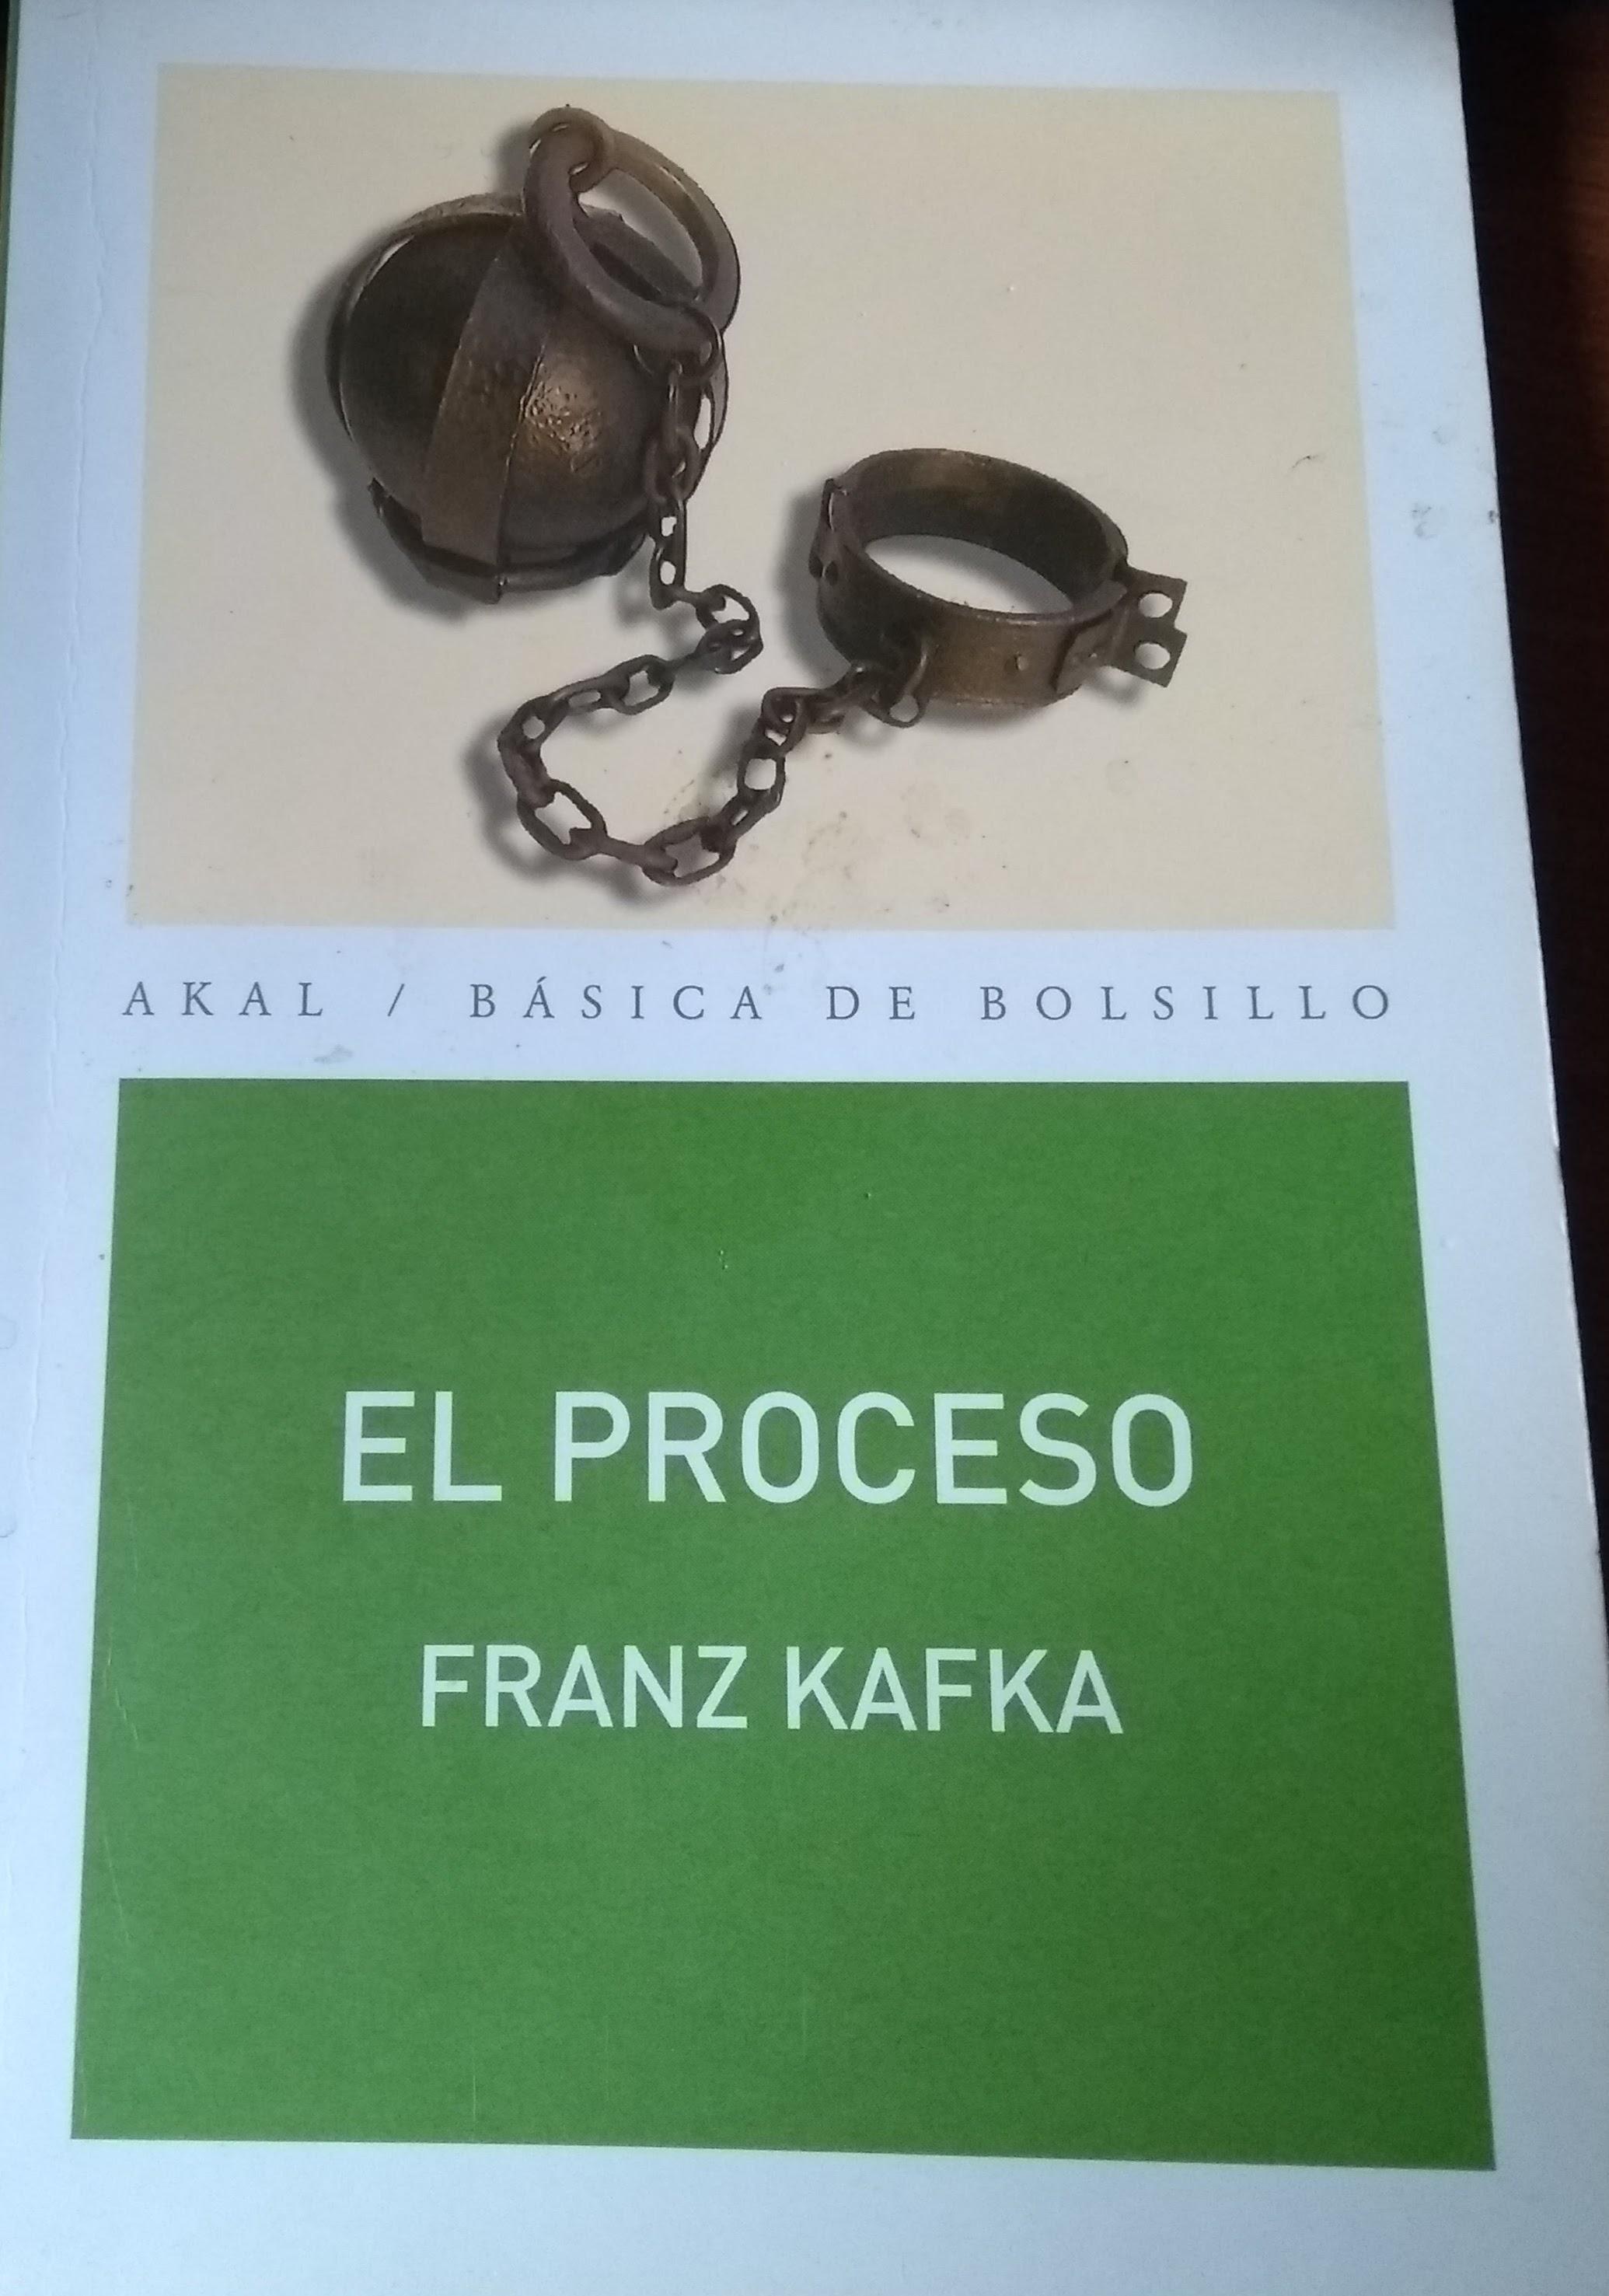 El proceso de Franz Kafka